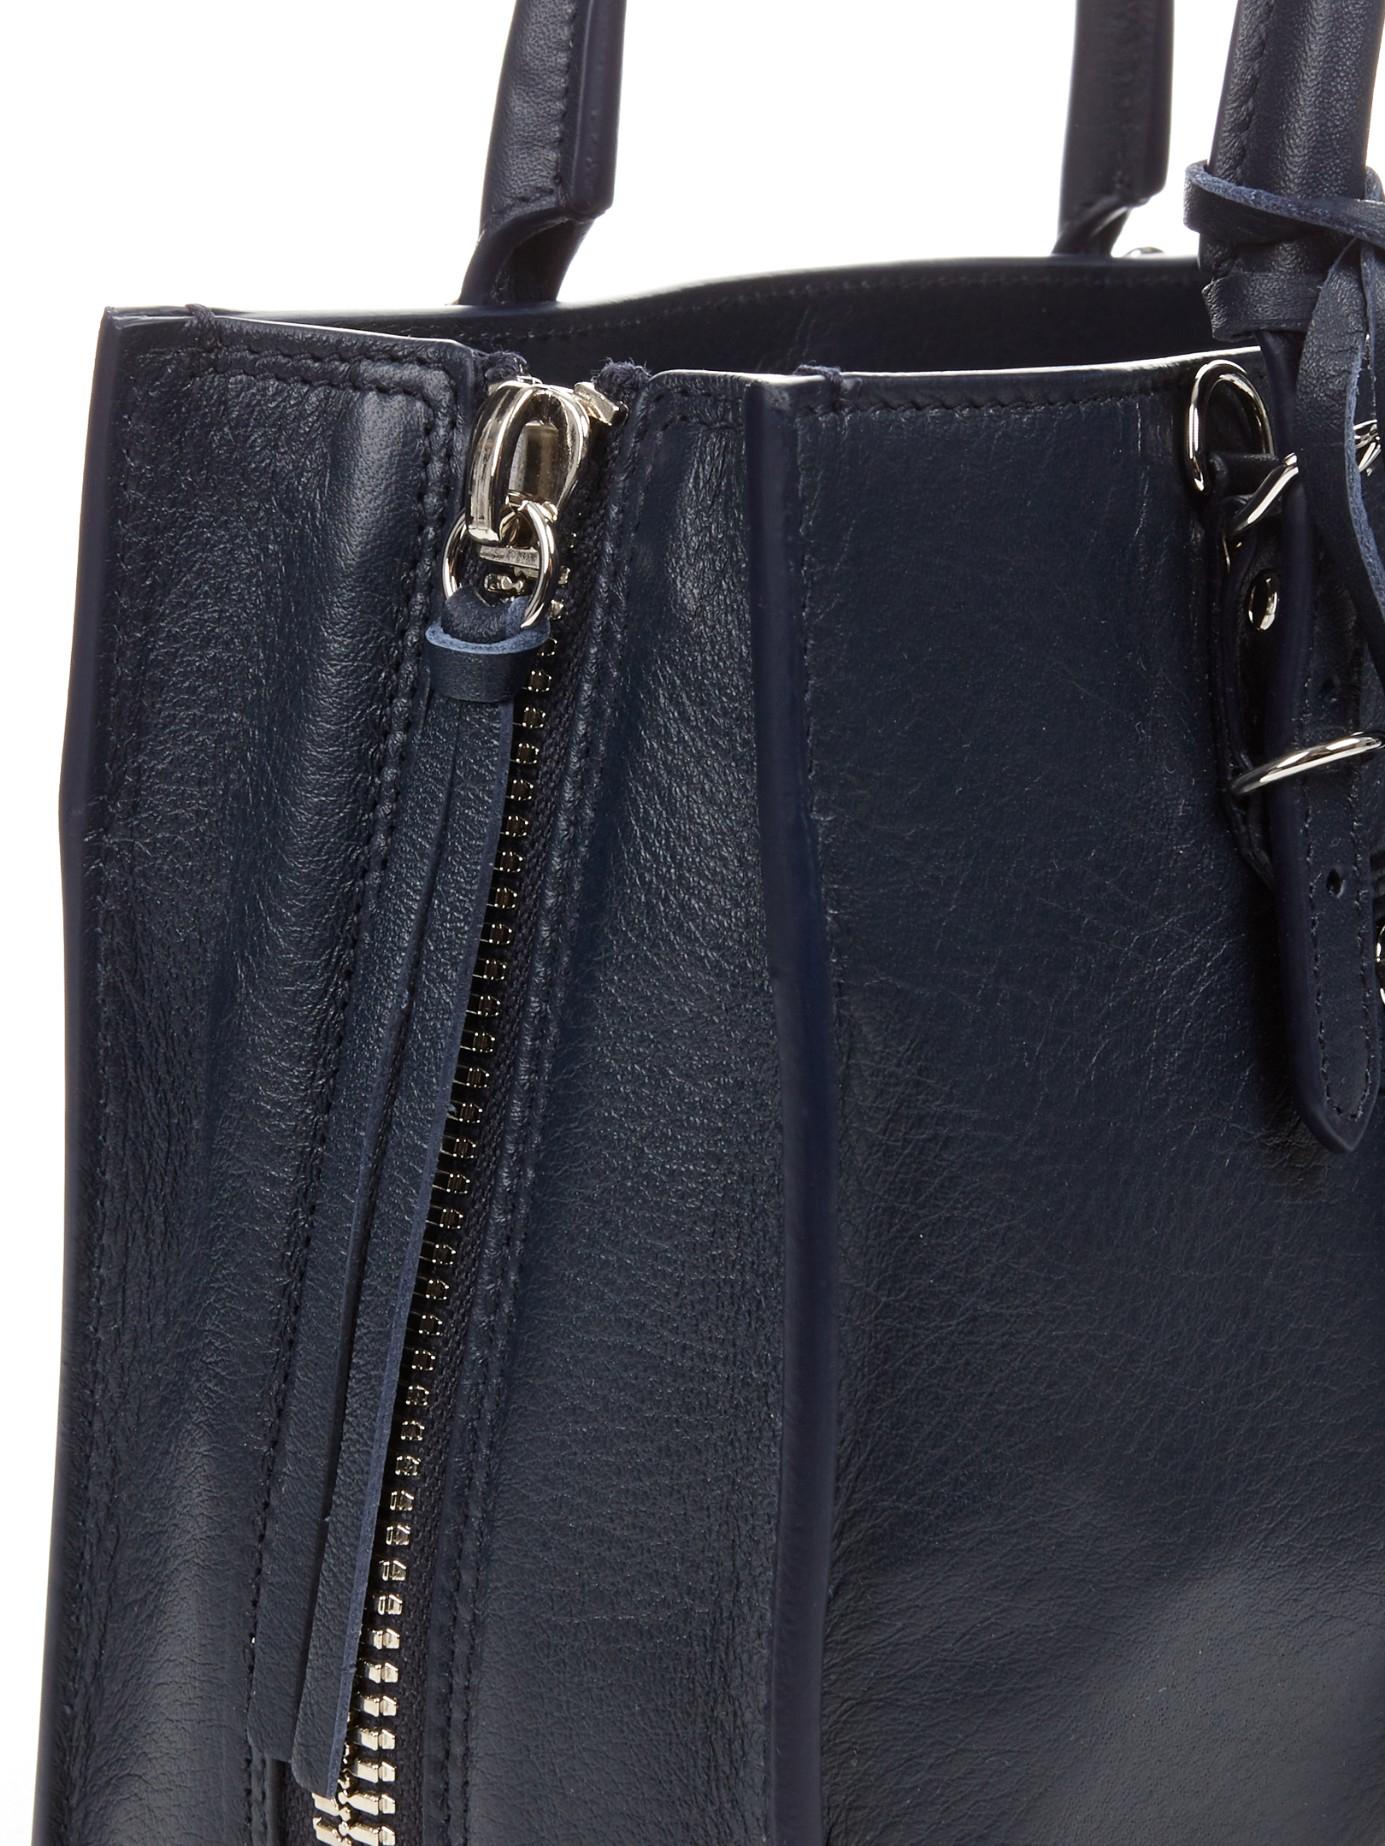 07b3523b730 Balenciaga Papier A4 Mini Cross-body Bag in Blue - Lyst